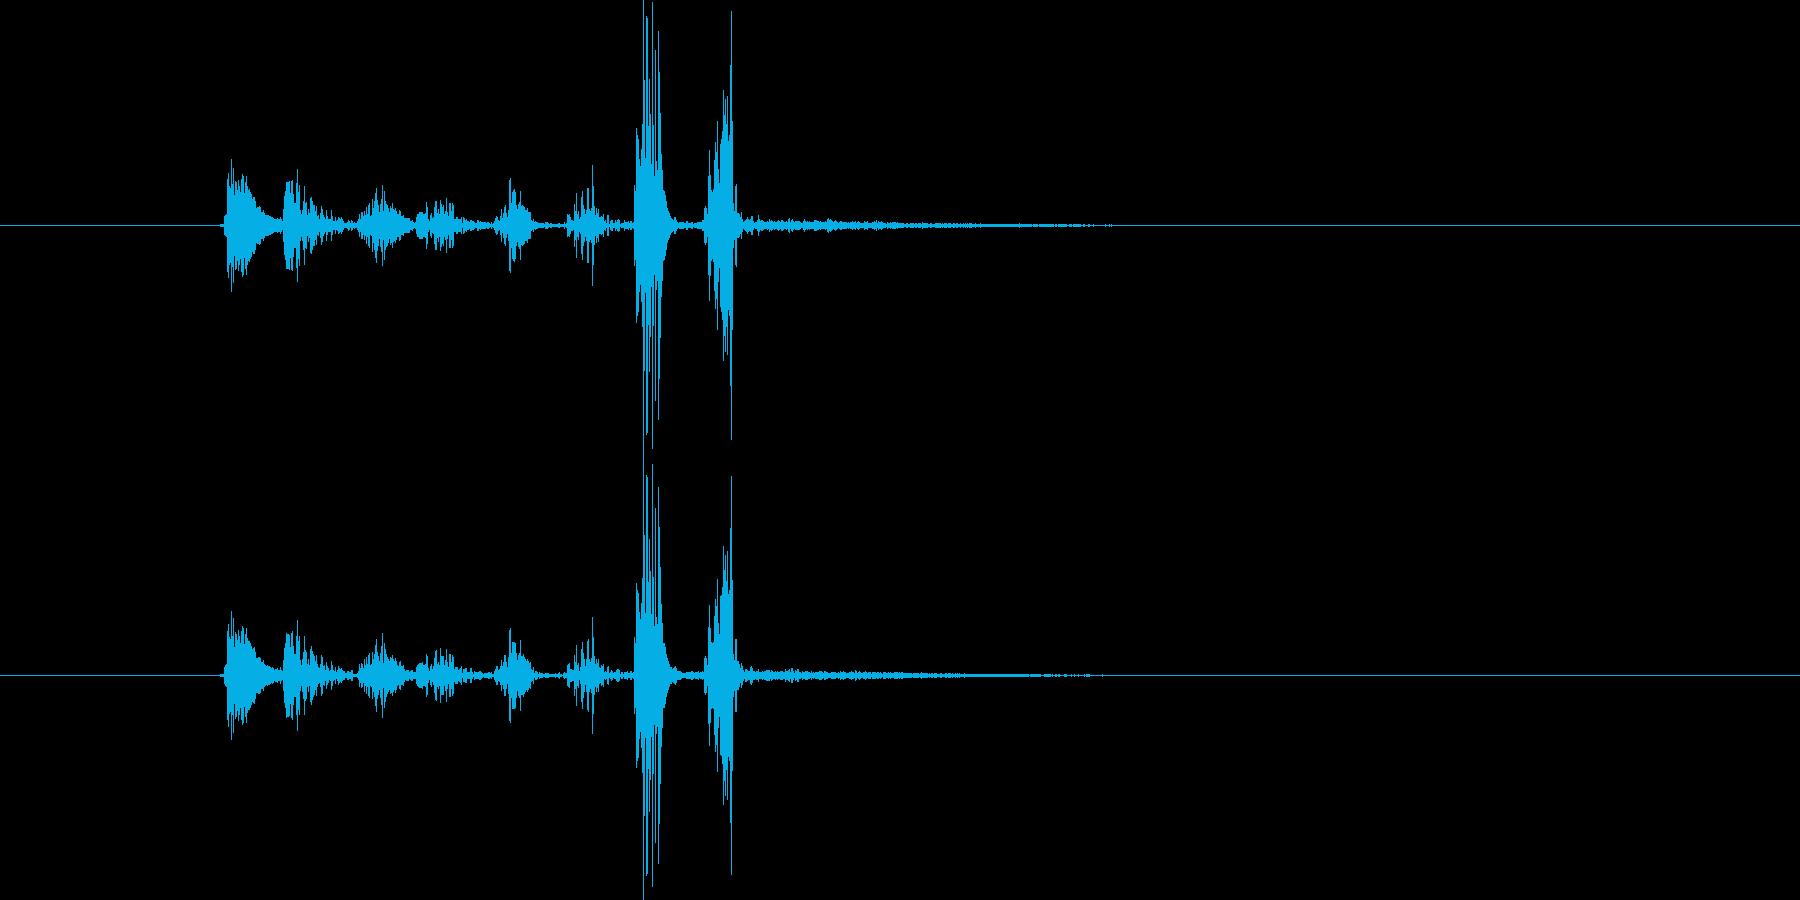 チュクチャカ(場面転換、ジングル)の再生済みの波形